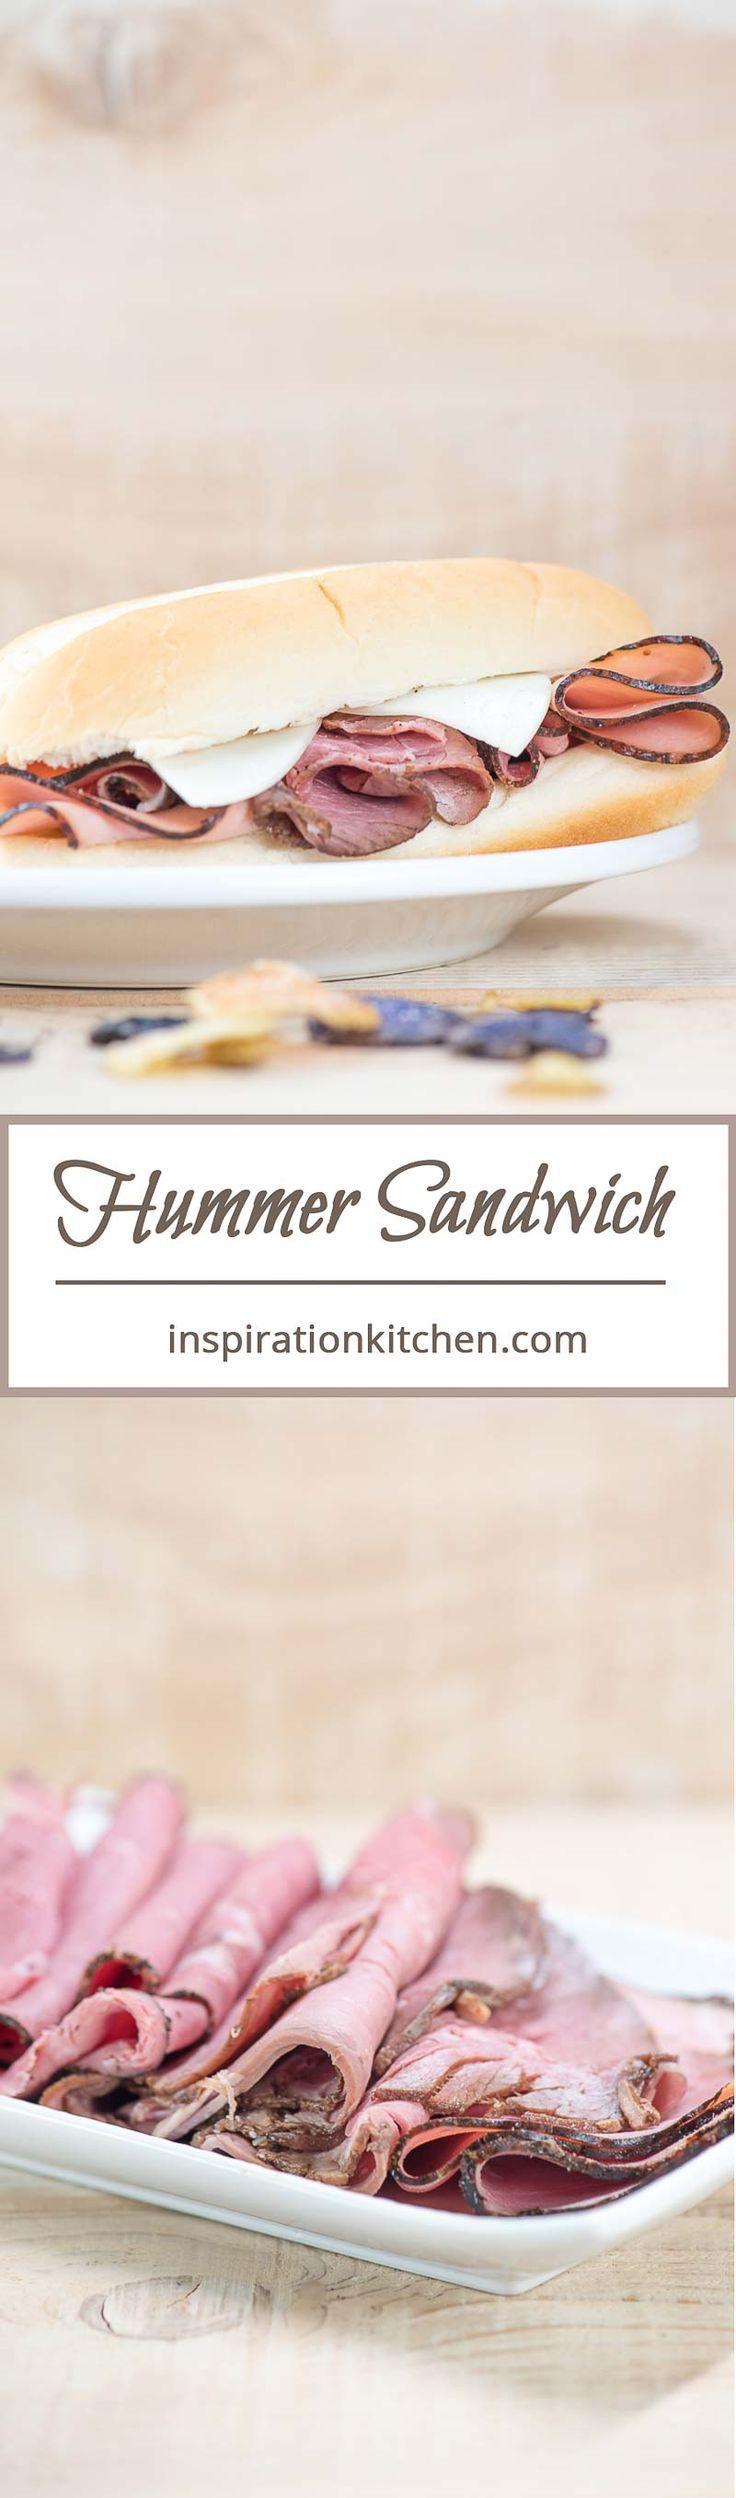 Hummer Sandwich | Inspiration Kitchen  #sandwich #sandwiches #hotsandwich #grinder #recipe